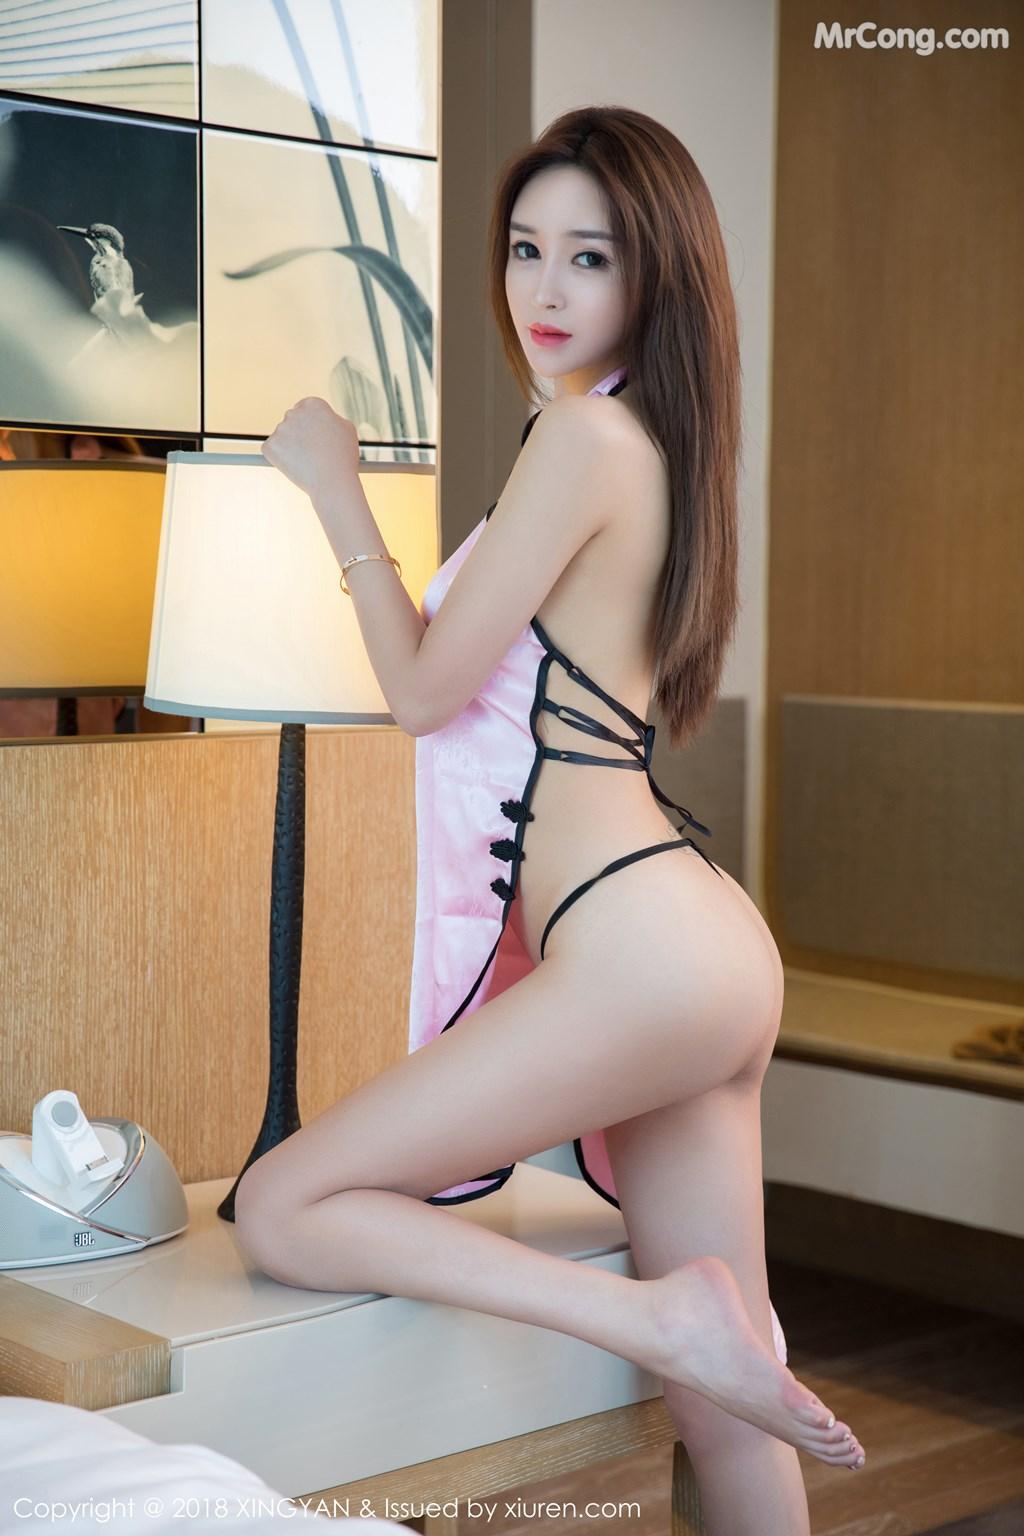 Image XingYan-Vol.081-Zhao-Xin-Yue-MrCong.com-003 in post XingYan Vol.081: Người mẫu Zhao Xin Yue (赵馨悦) (39 ảnh)